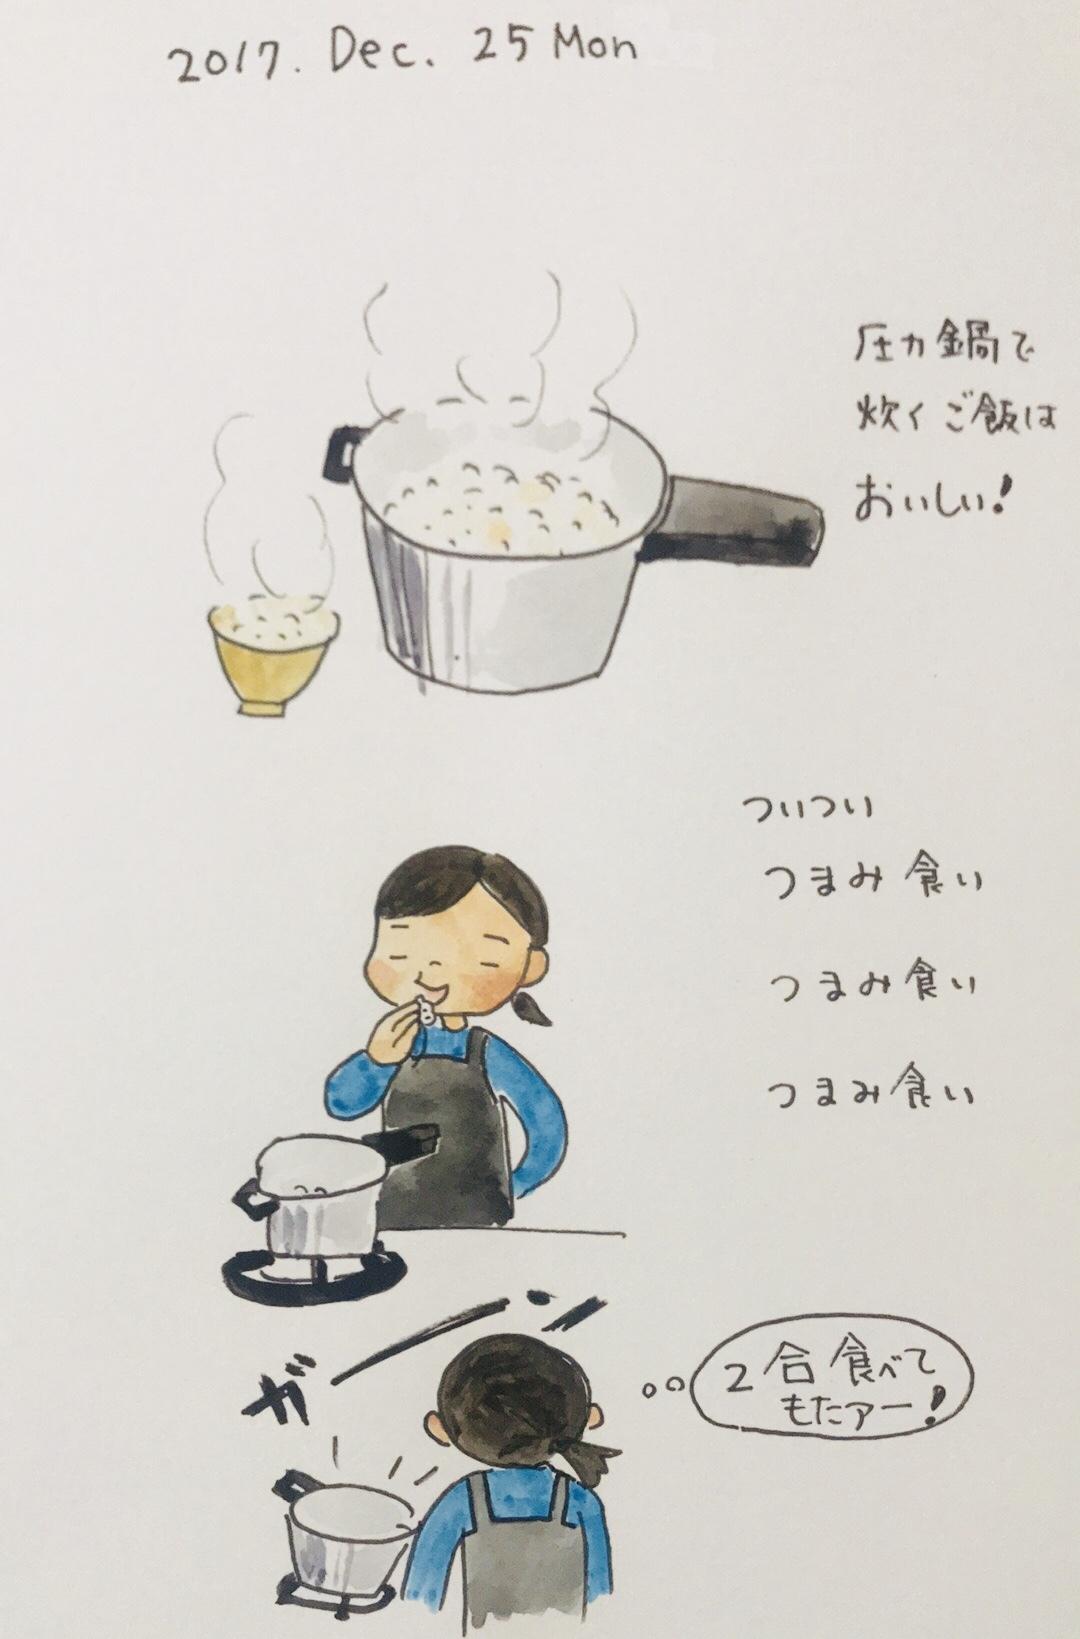 つまみ食いの後悔_f0072976_16142765.jpeg